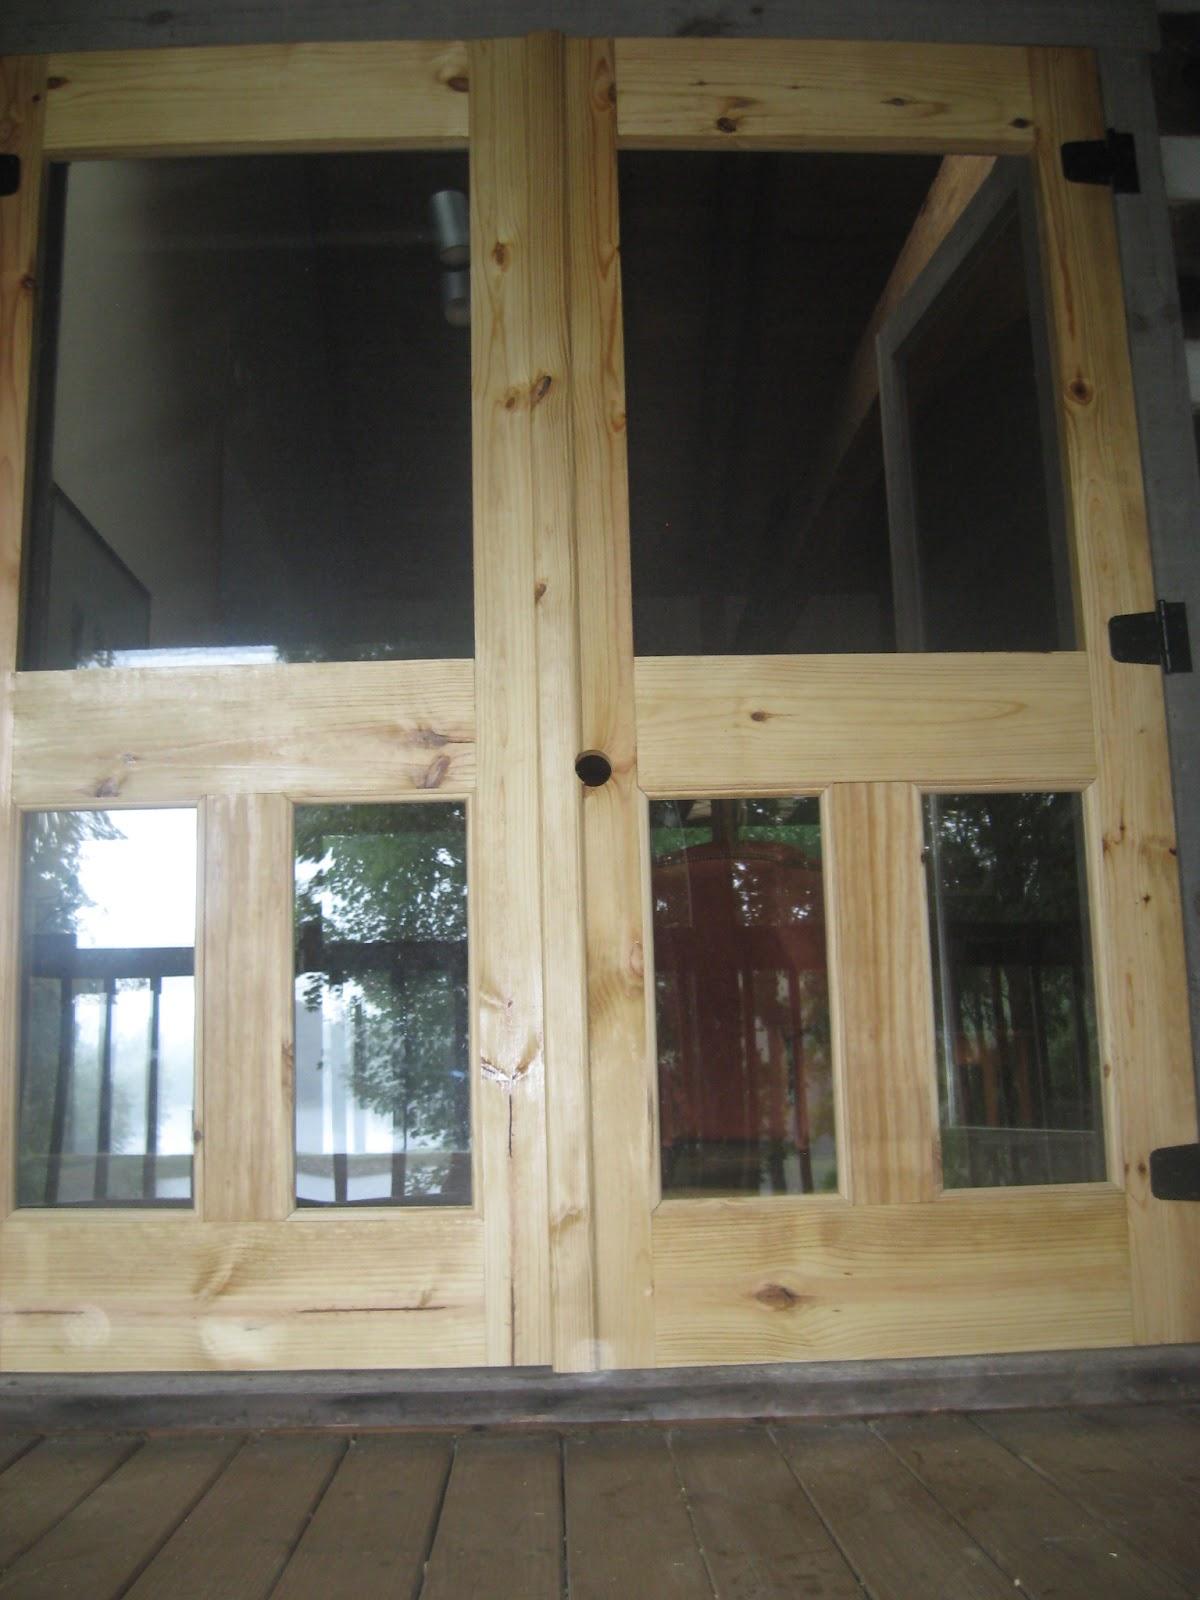 Dufour woodworks custom screen doors with plexiglass panels for Custom screen doors